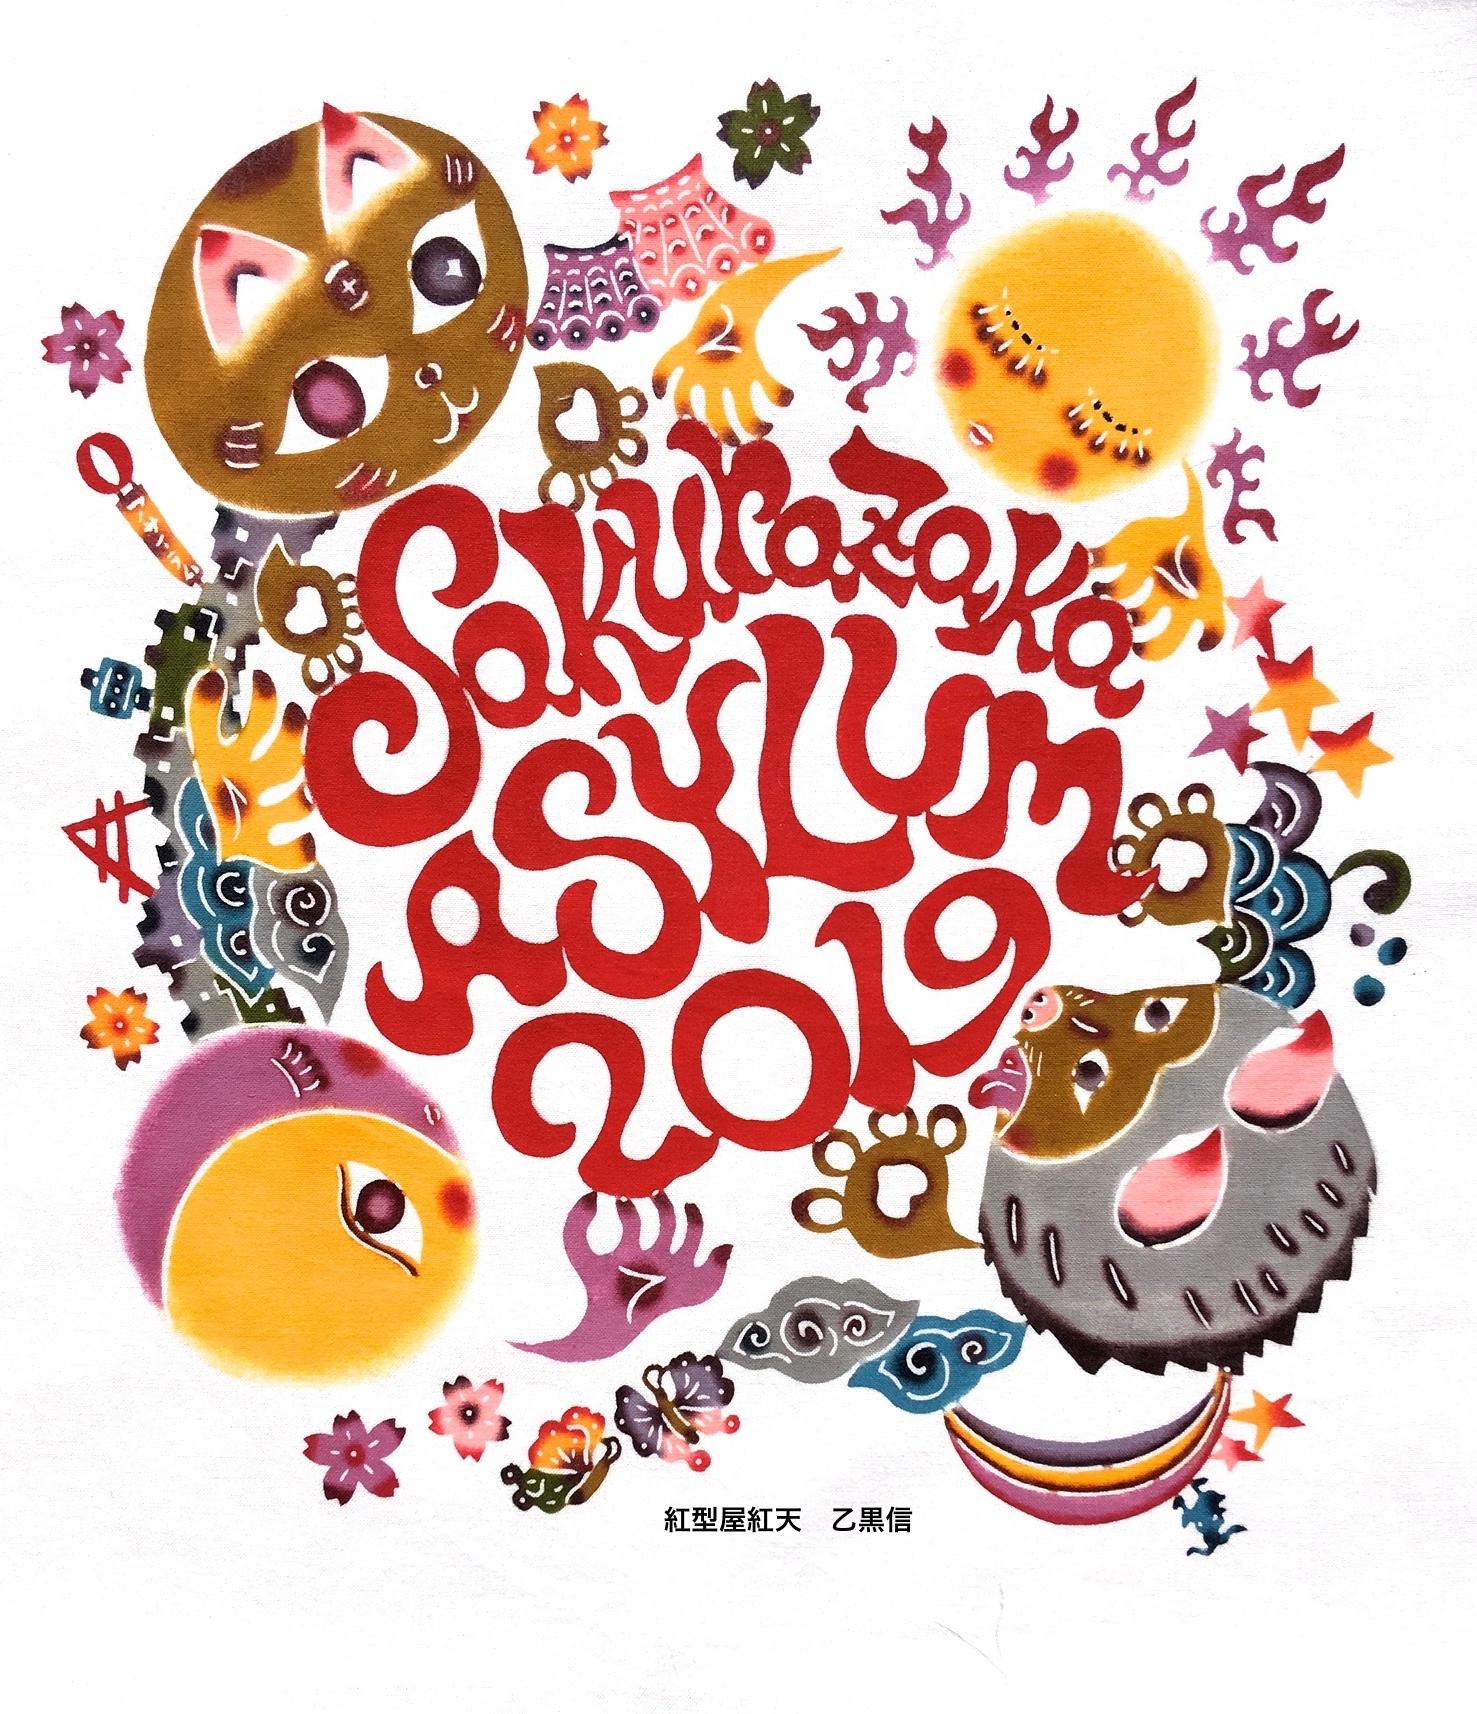 那覇の街なかで音楽とアートを楽しむ Sakurazaka ASYLUM 2019